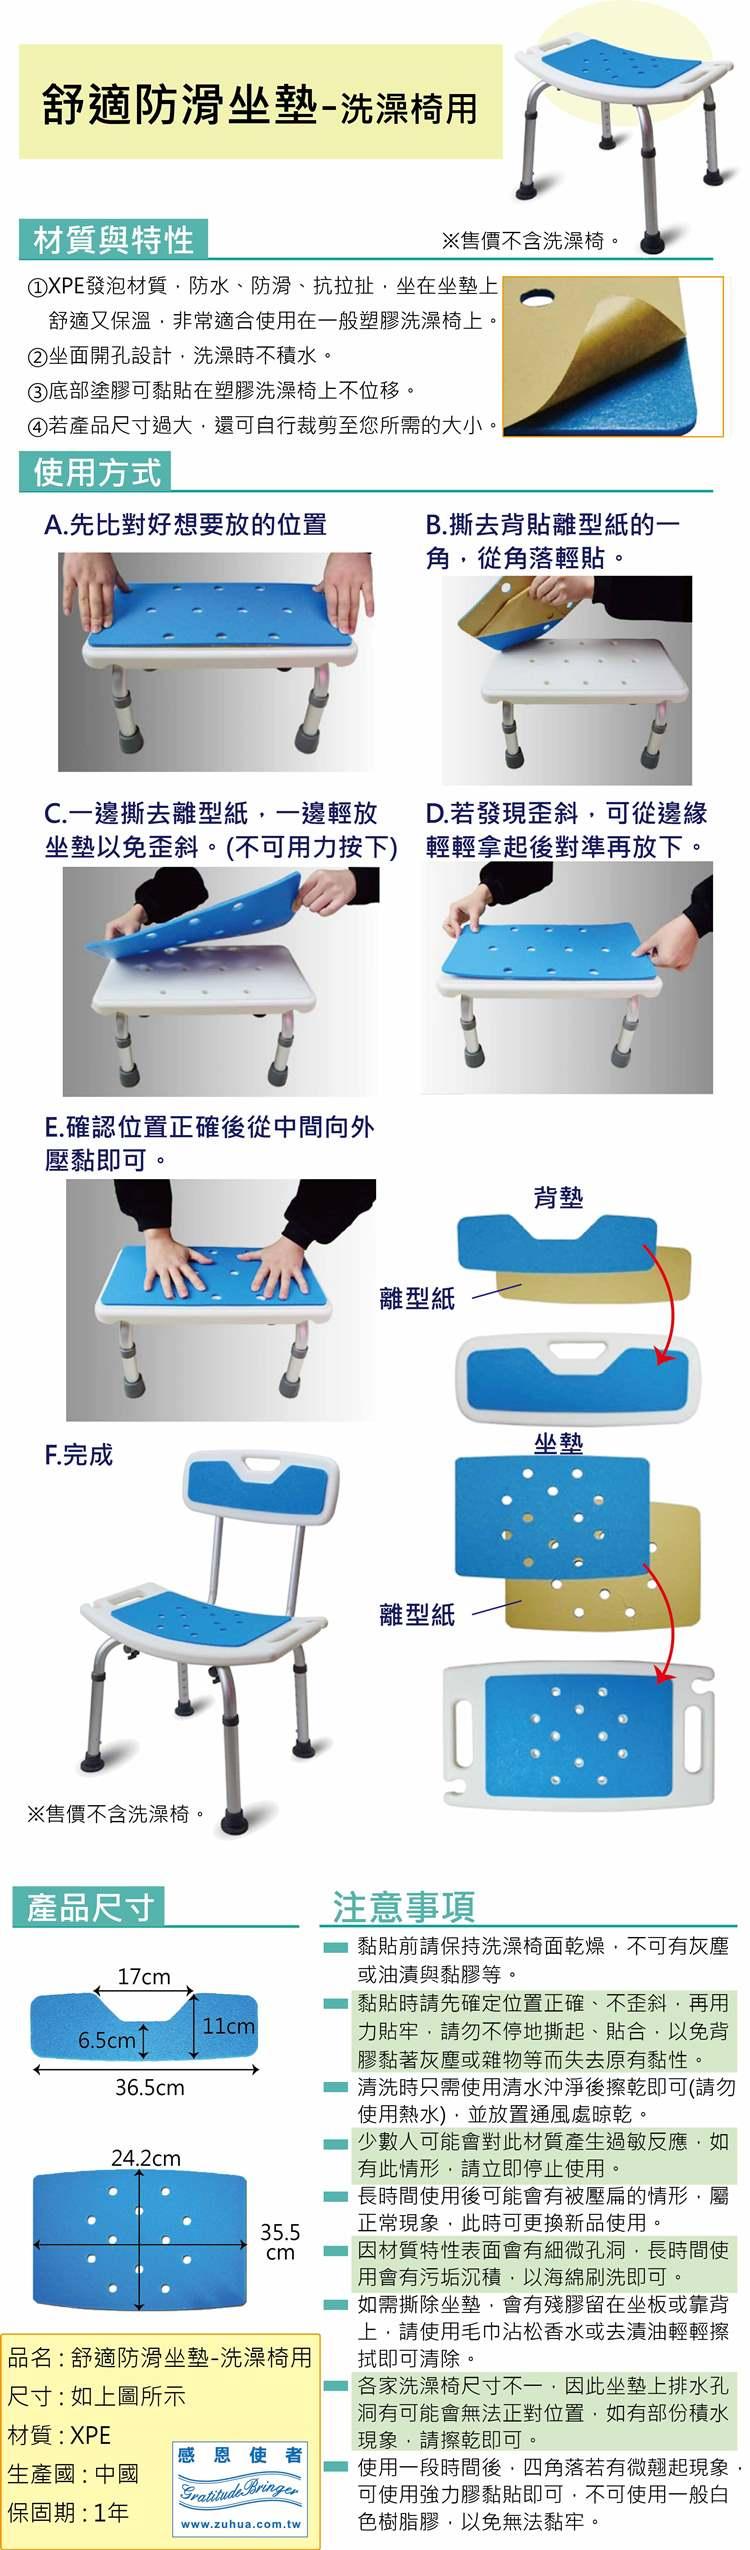 洗澡椅防水坐墊、防滑座墊,舒適好坐,冬天不冰冷、久坐臀部不疼痛,可DIY裁剪至適合的大小,輕鬆黏貼即可使用!